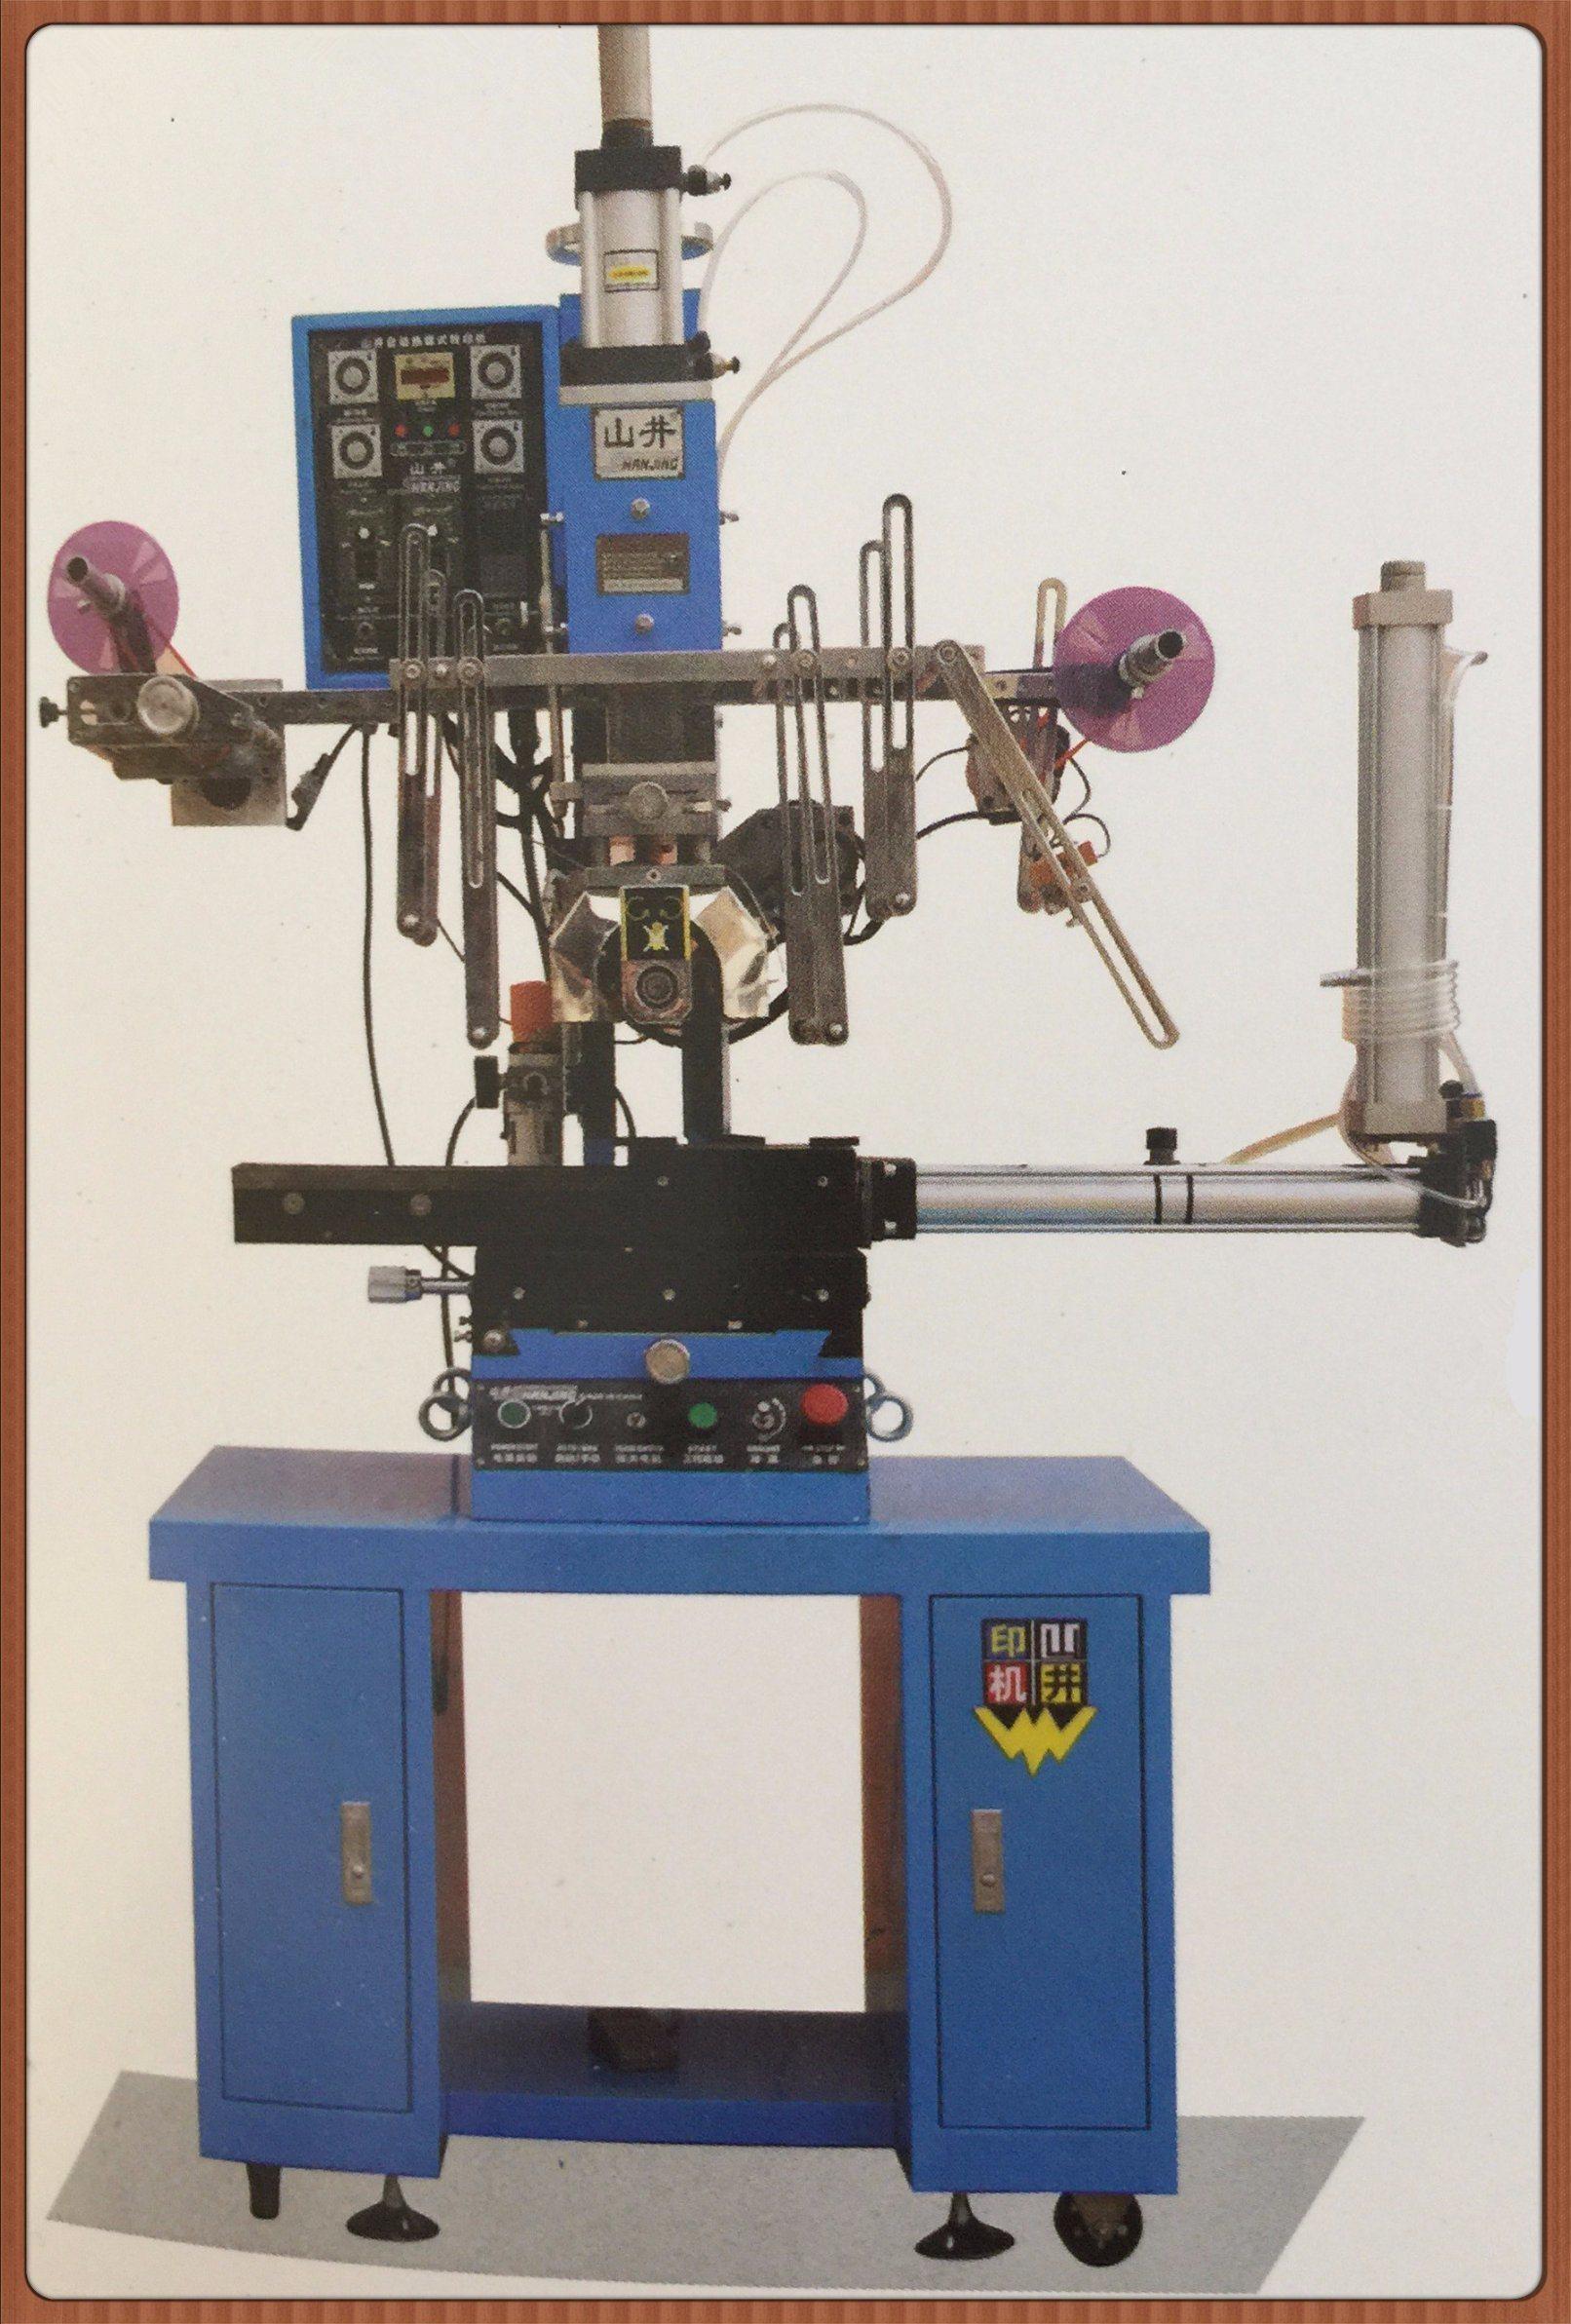 Heat Transfer Printing Machine Made in China